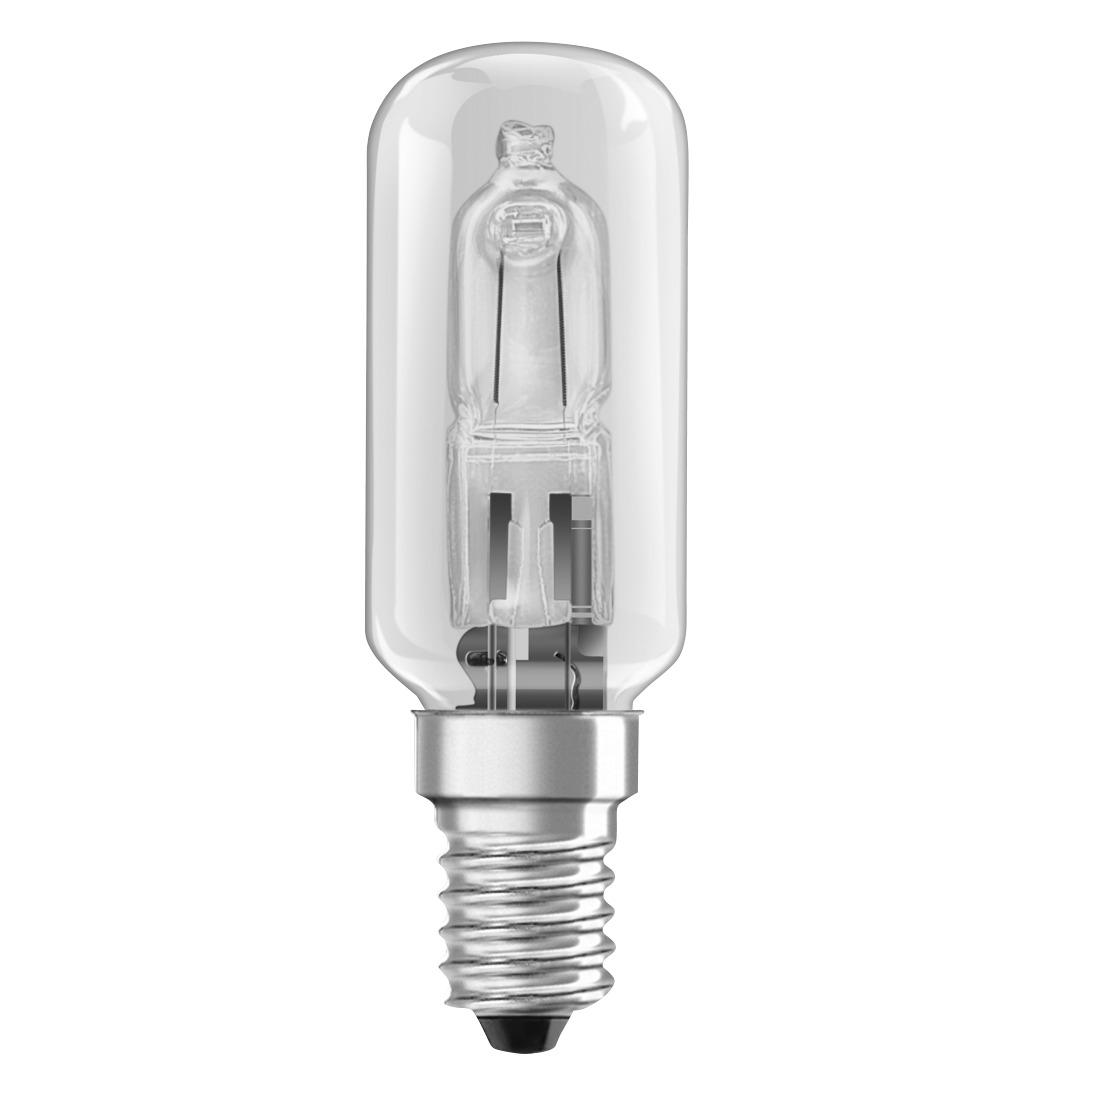 Xavax Dampkap halogeen lamp 25W transparant tube E14 Afzuigkap accessoire Transparant